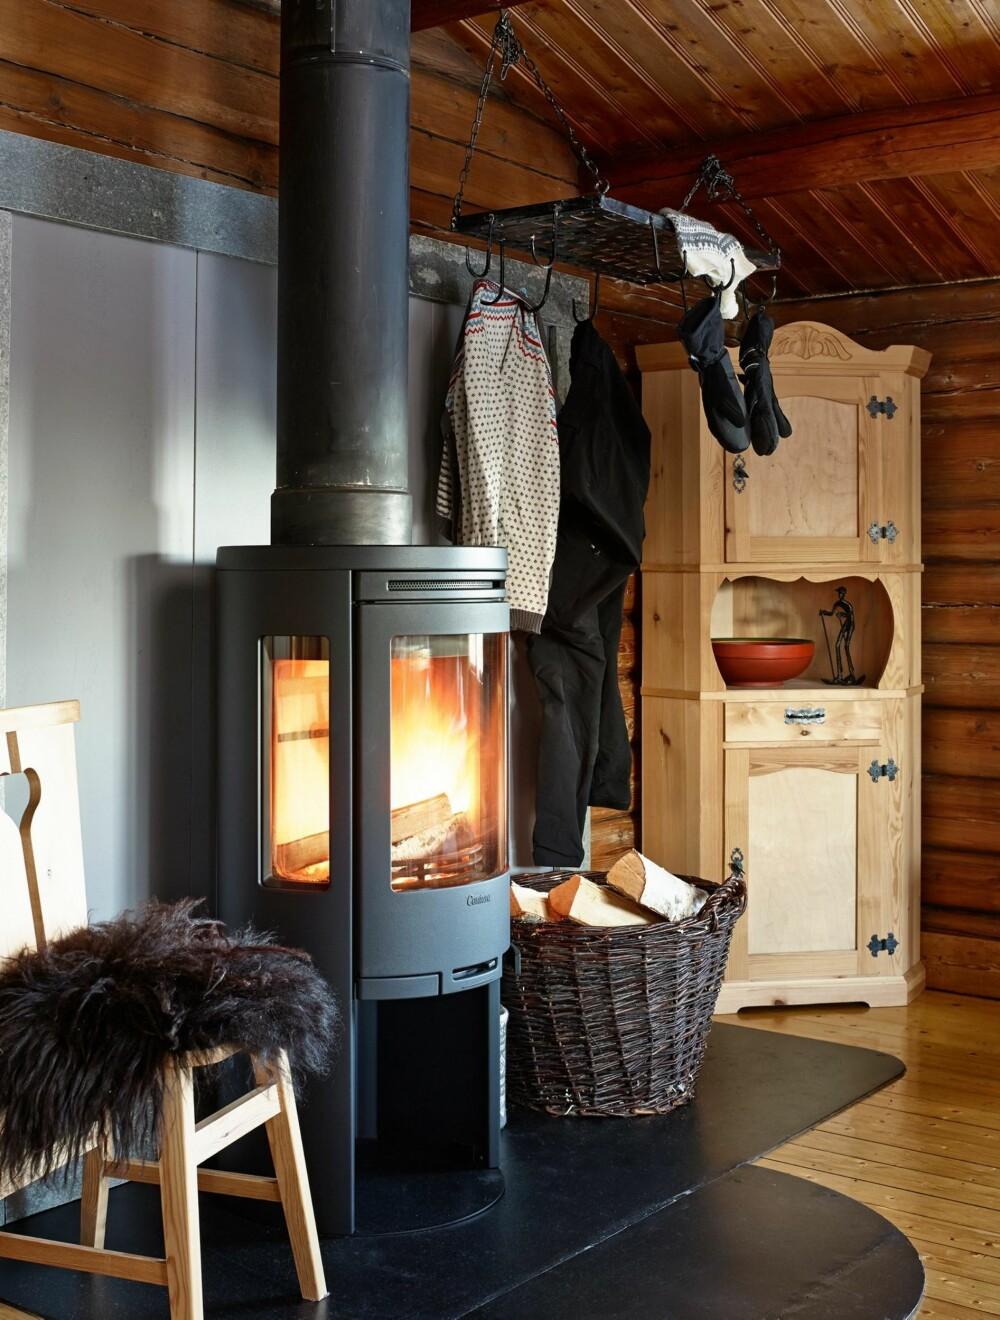 Varme: Det skal ikke så mye til for å få god varme i en 48 kvadratmeters hytte. Den nye peisovnen gjør jobben enkelt, selv når det er 20 kuldegrader ute.